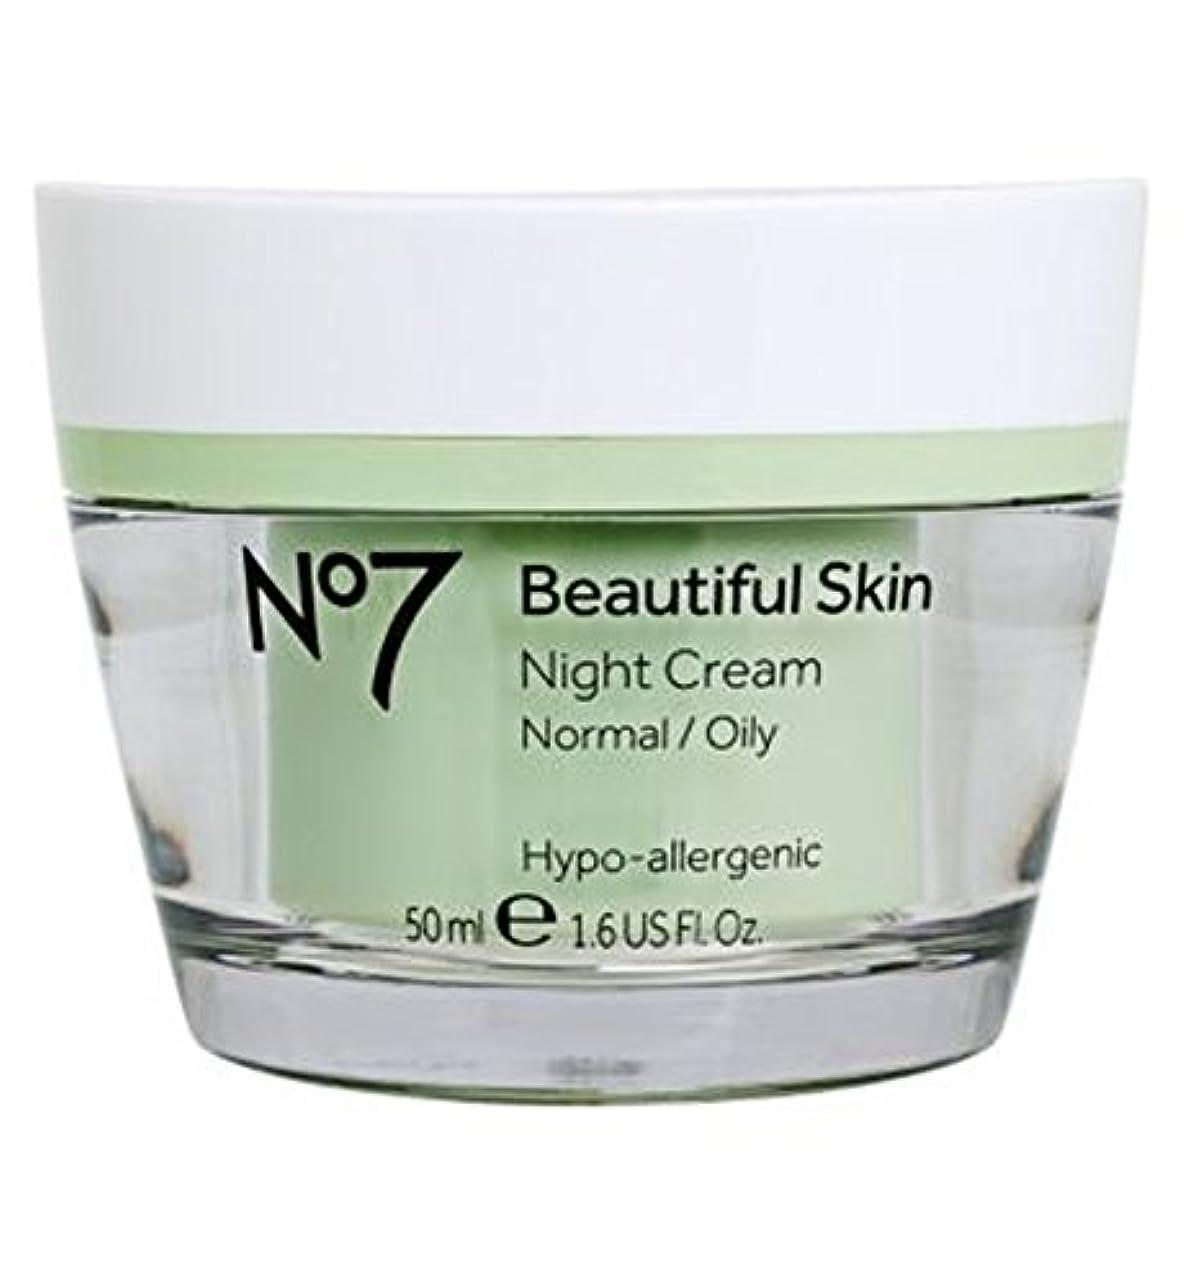 苦難修復アレイノーマル/オイリー肌の50ミリリットルのためNo7美肌ナイトクリーム (No7) (x2) - No7 Beautiful Skin Night Cream for Normal / Oily Skin 50ml (Pack of 2) [並行輸入品]